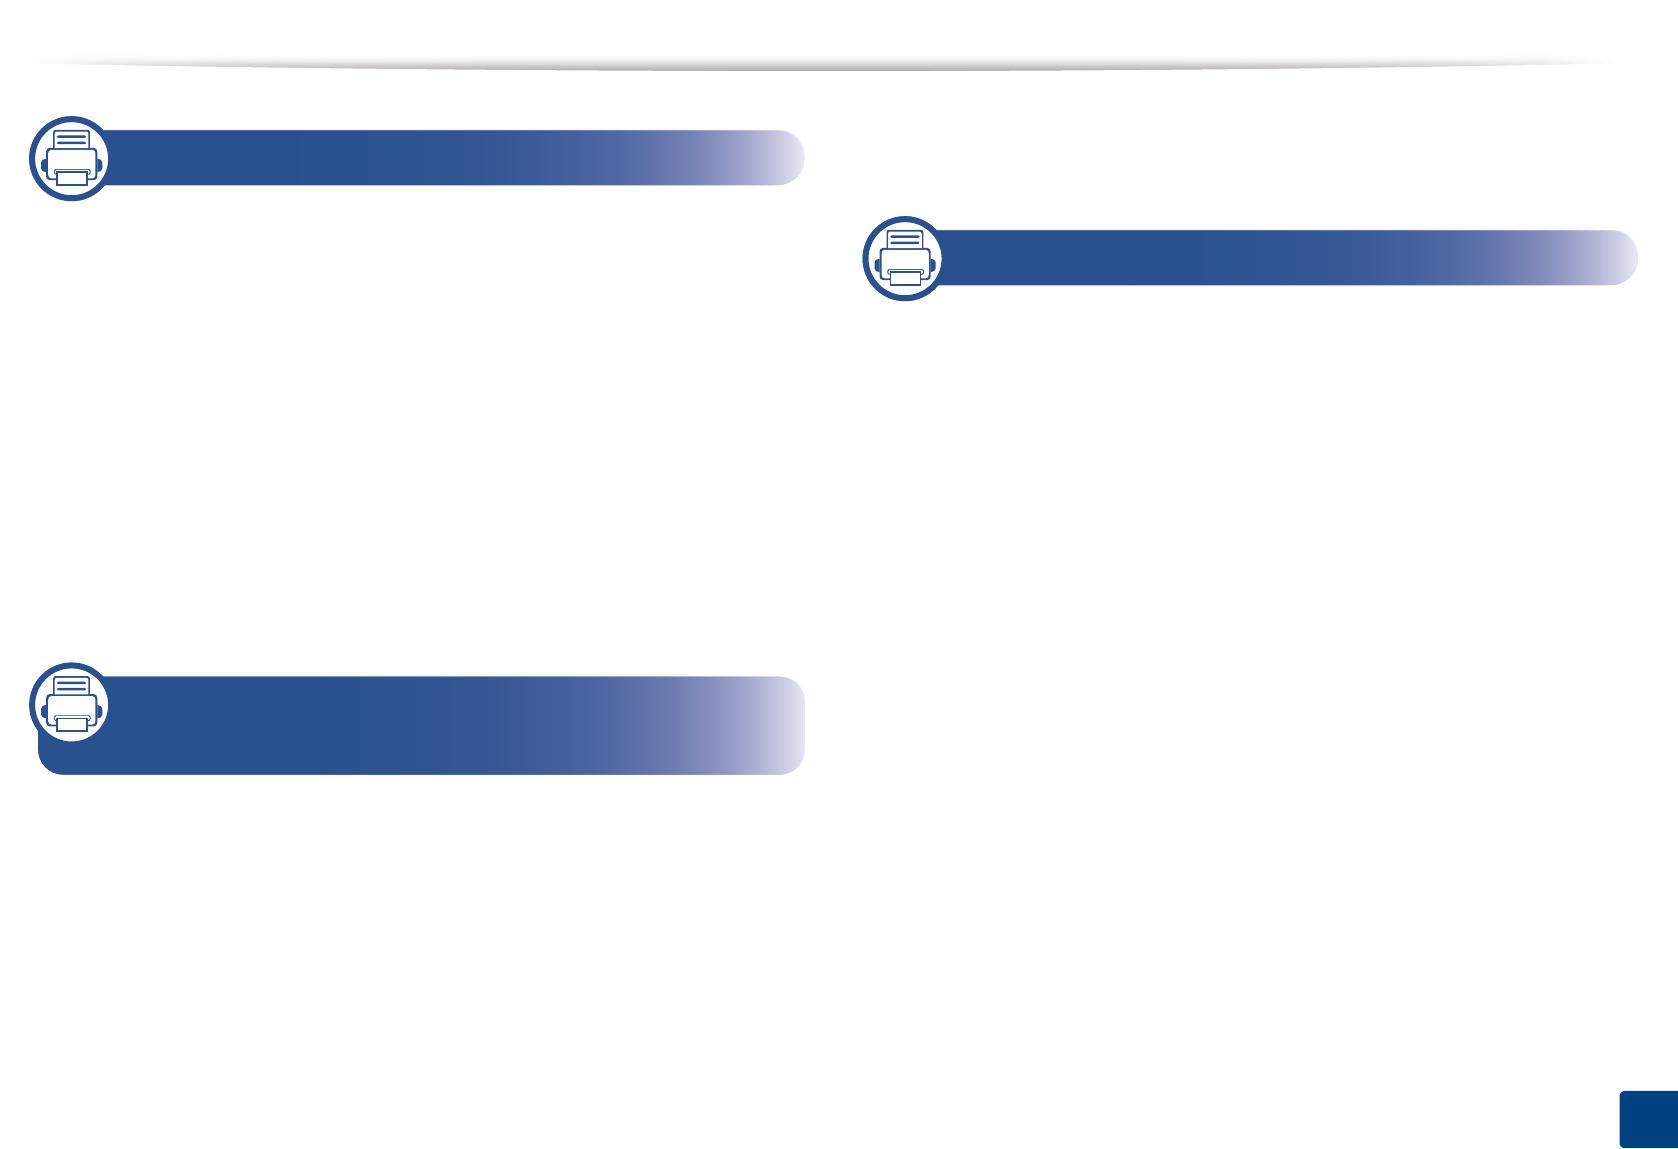 samsung xpress c460w bedienungsanleitung download